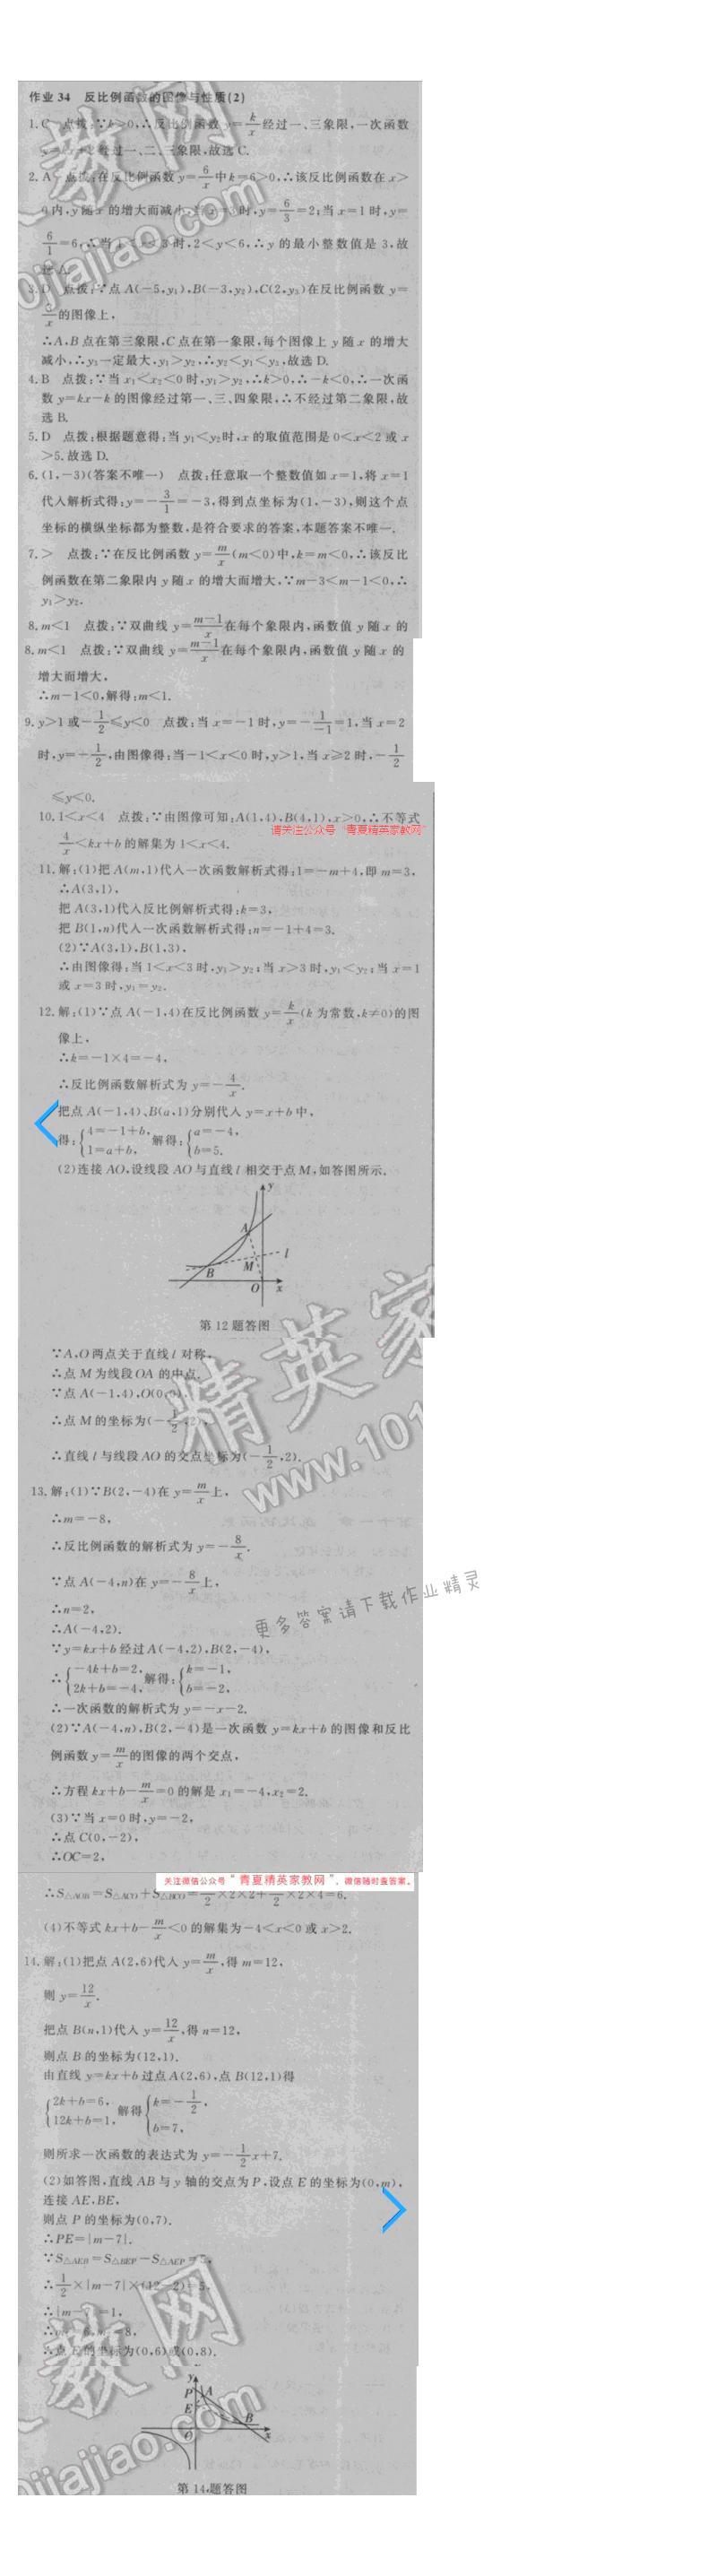 2016年启东中学作业本八年级数学下册江苏版 第十一章 作业34